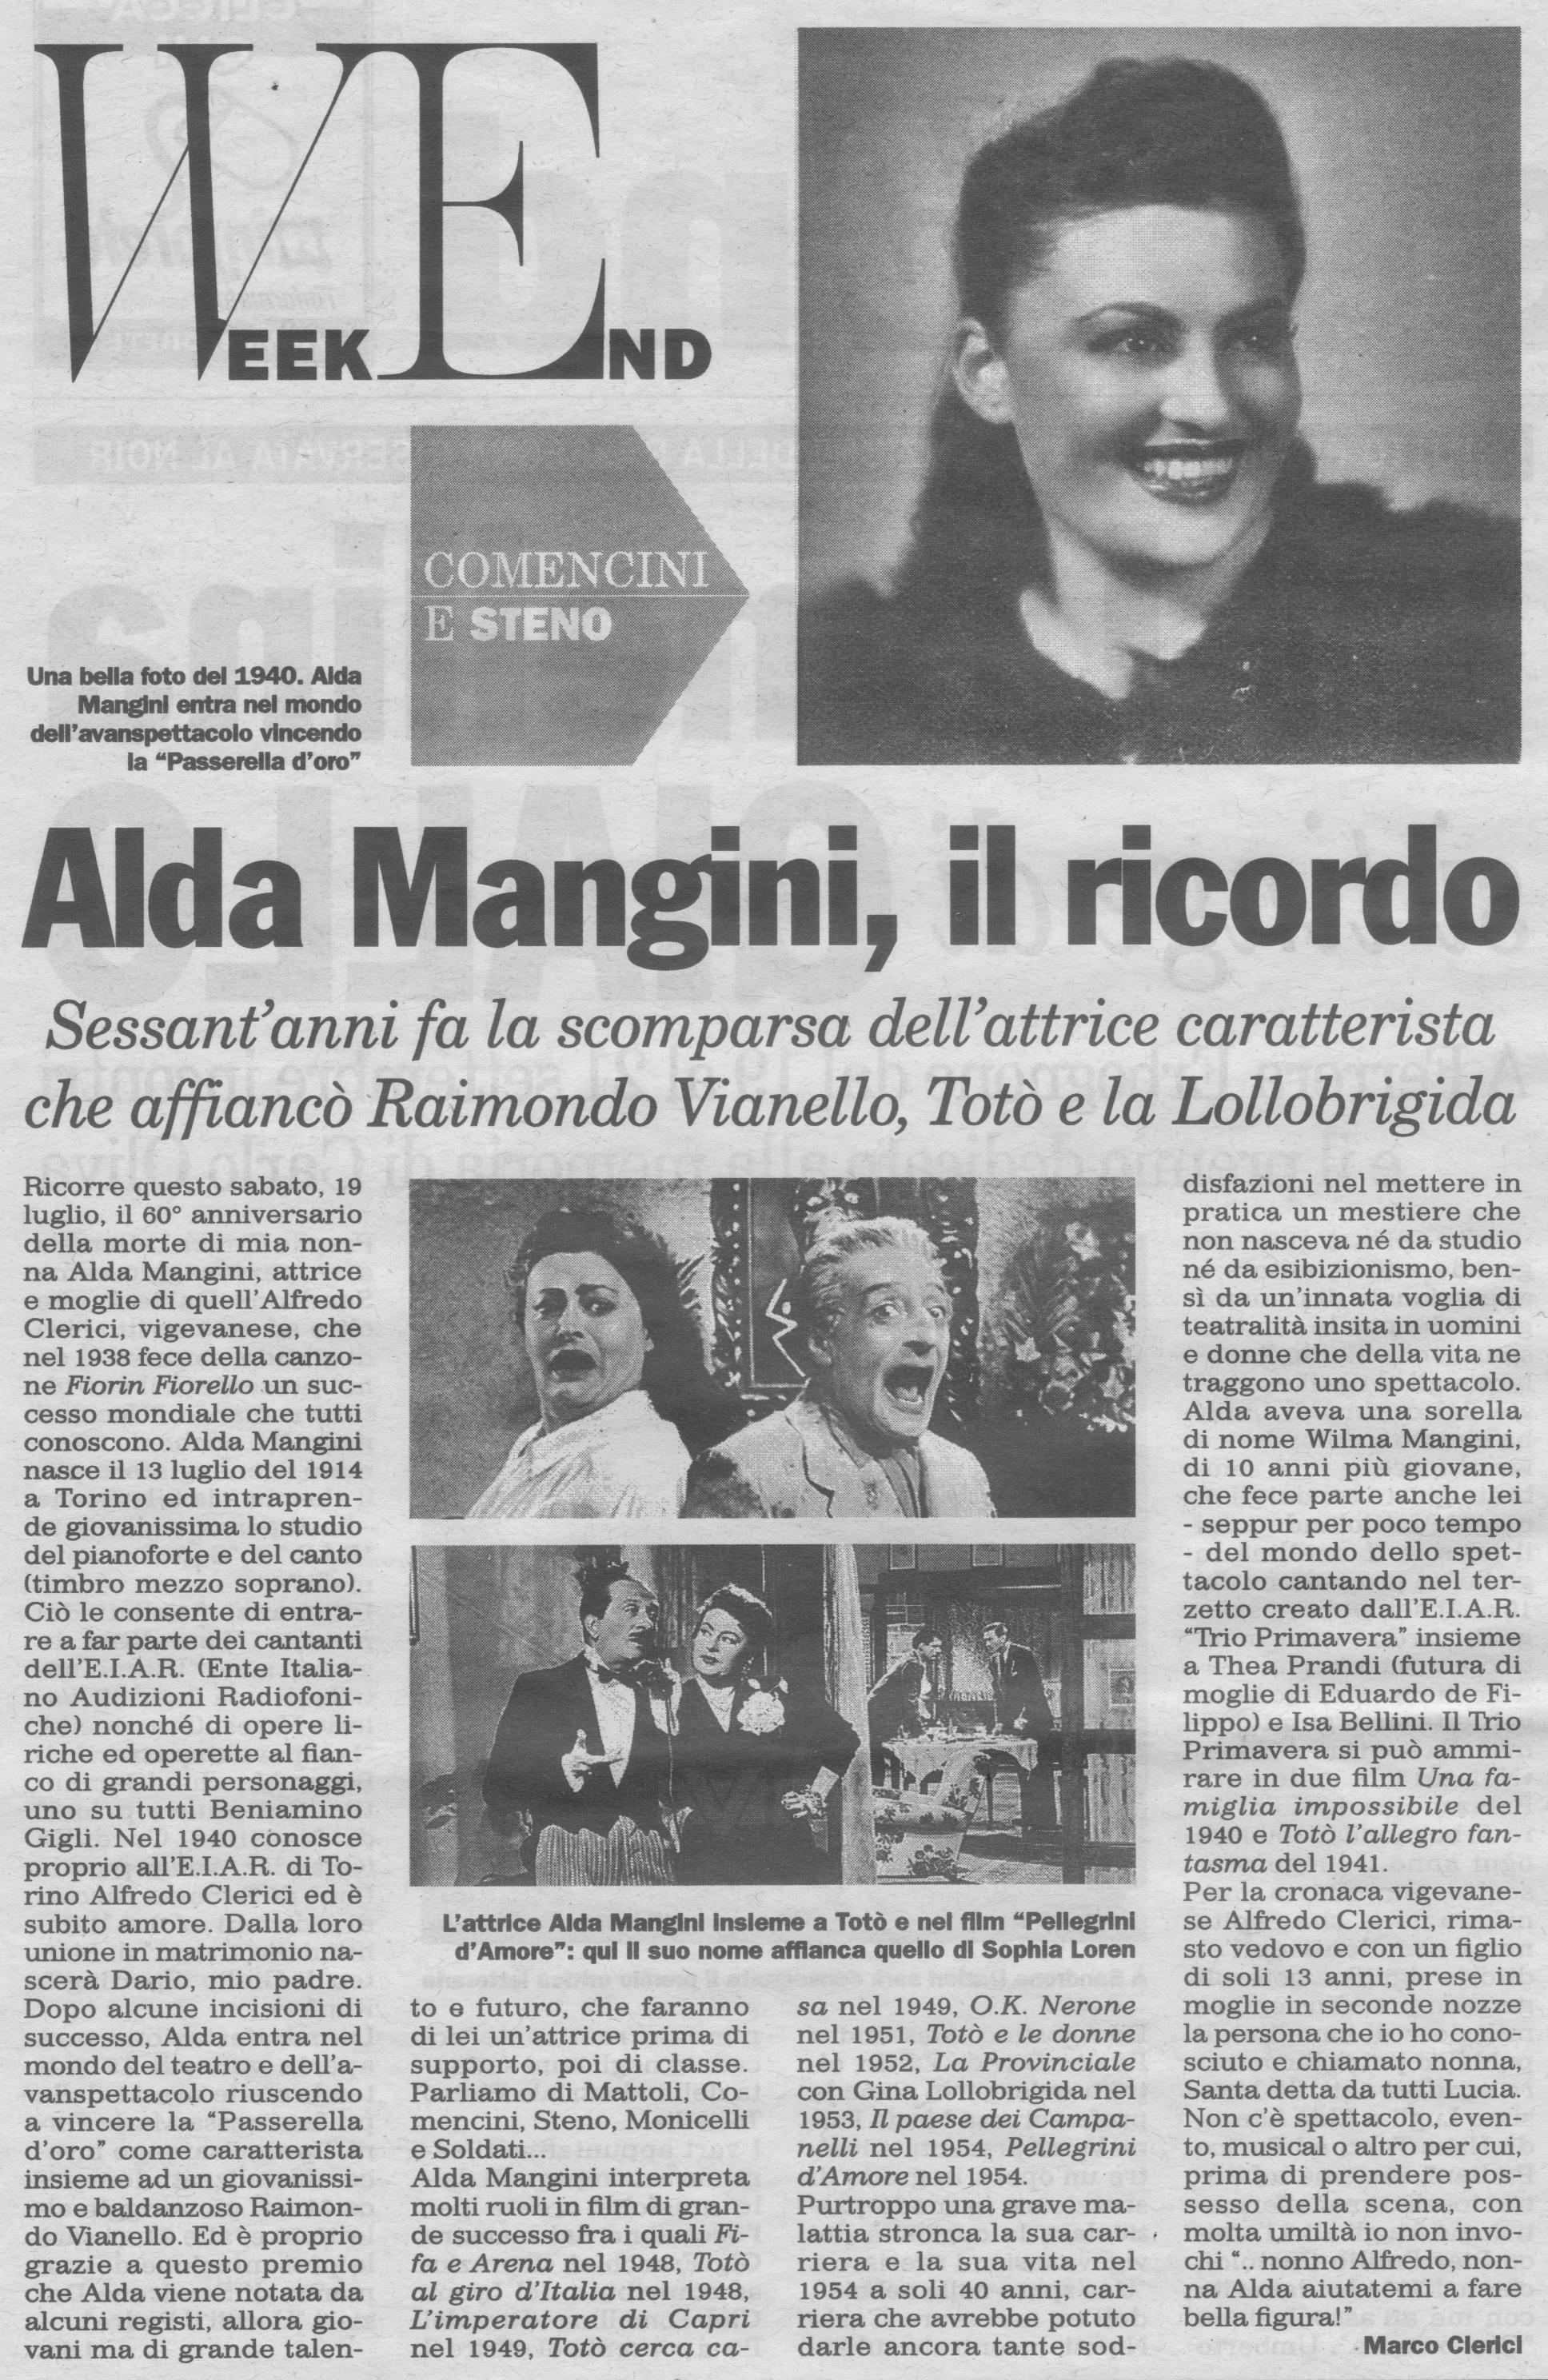 Ricordo dell'attrice Alda Mangini (nonna di Marco Clerici)